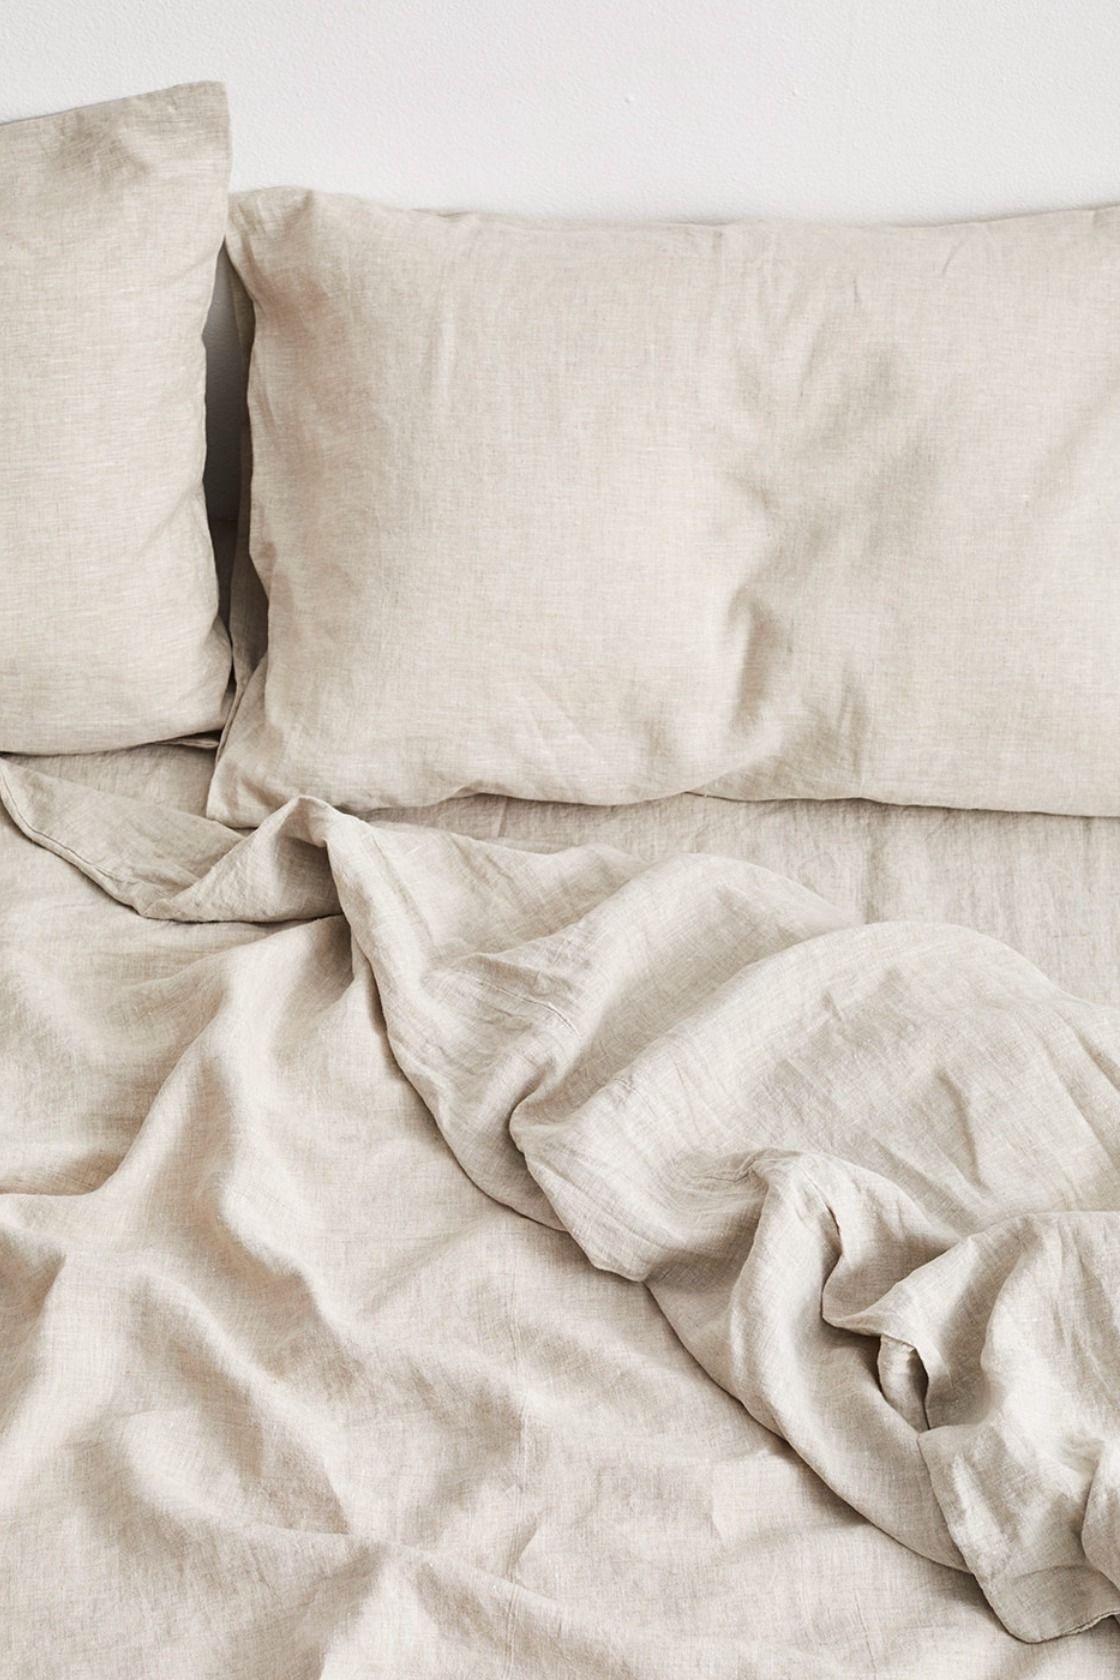 Linen100% Duvet cover set S/SD/D Size ベッドリネンセットS/SD/Dサイズ 布団カバー / 枕カバー2